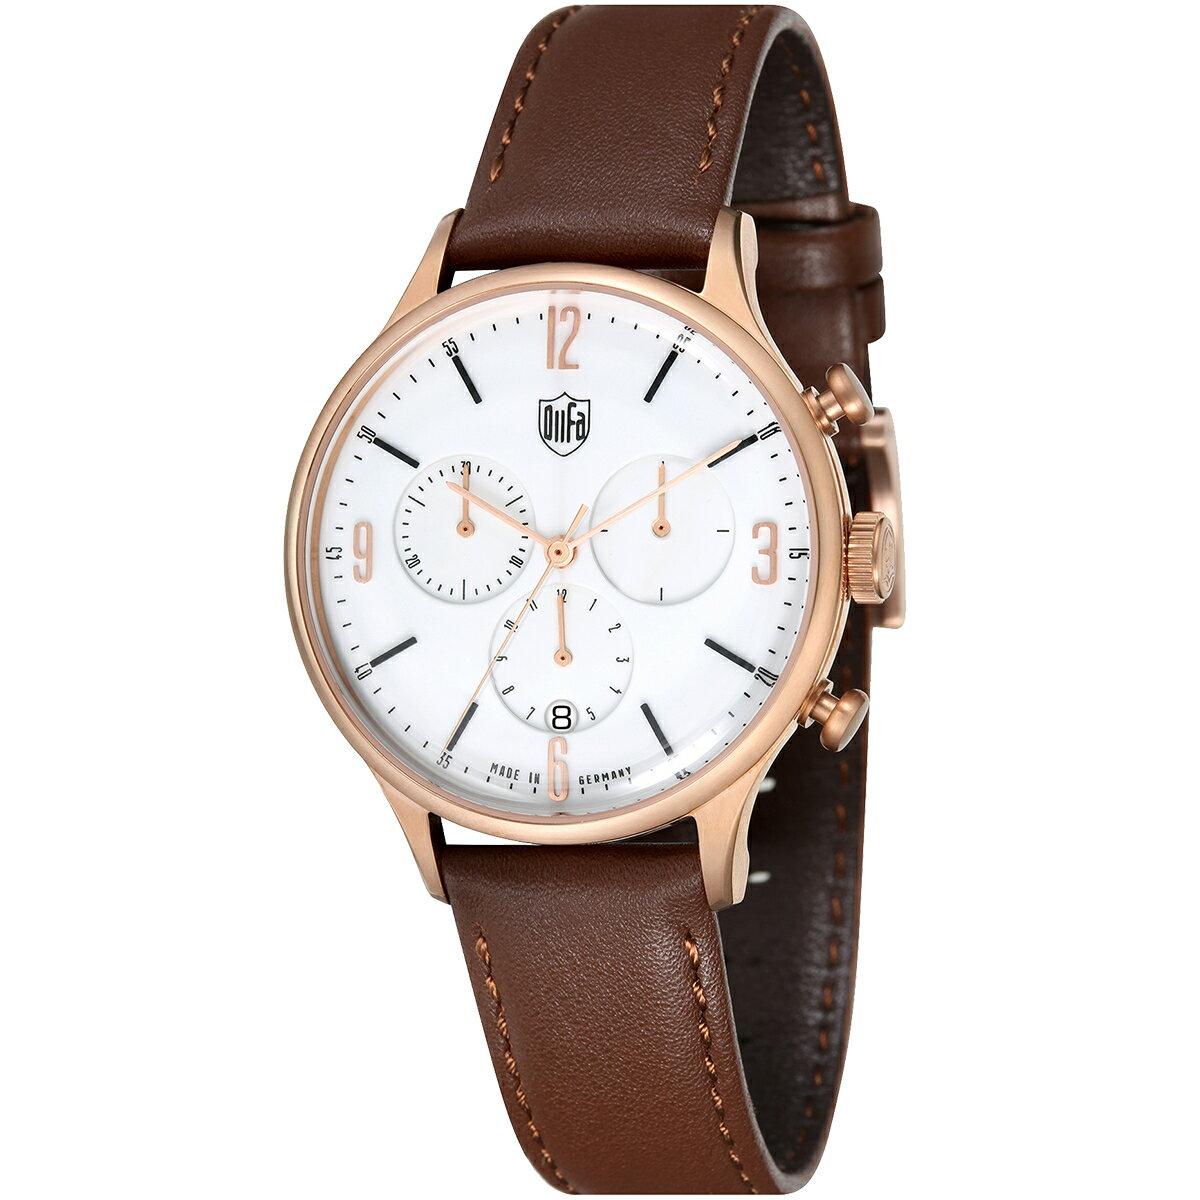 DUFA ドゥッファ DF-9002-05 VAN DER ROHE 時計 腕時計 メンズ レディース 男性 女性 ホワイト おしゃれ プレゼント 贈り物 ギフト ドイツ バウハウス [海外正規商品][送料無料][あす楽]